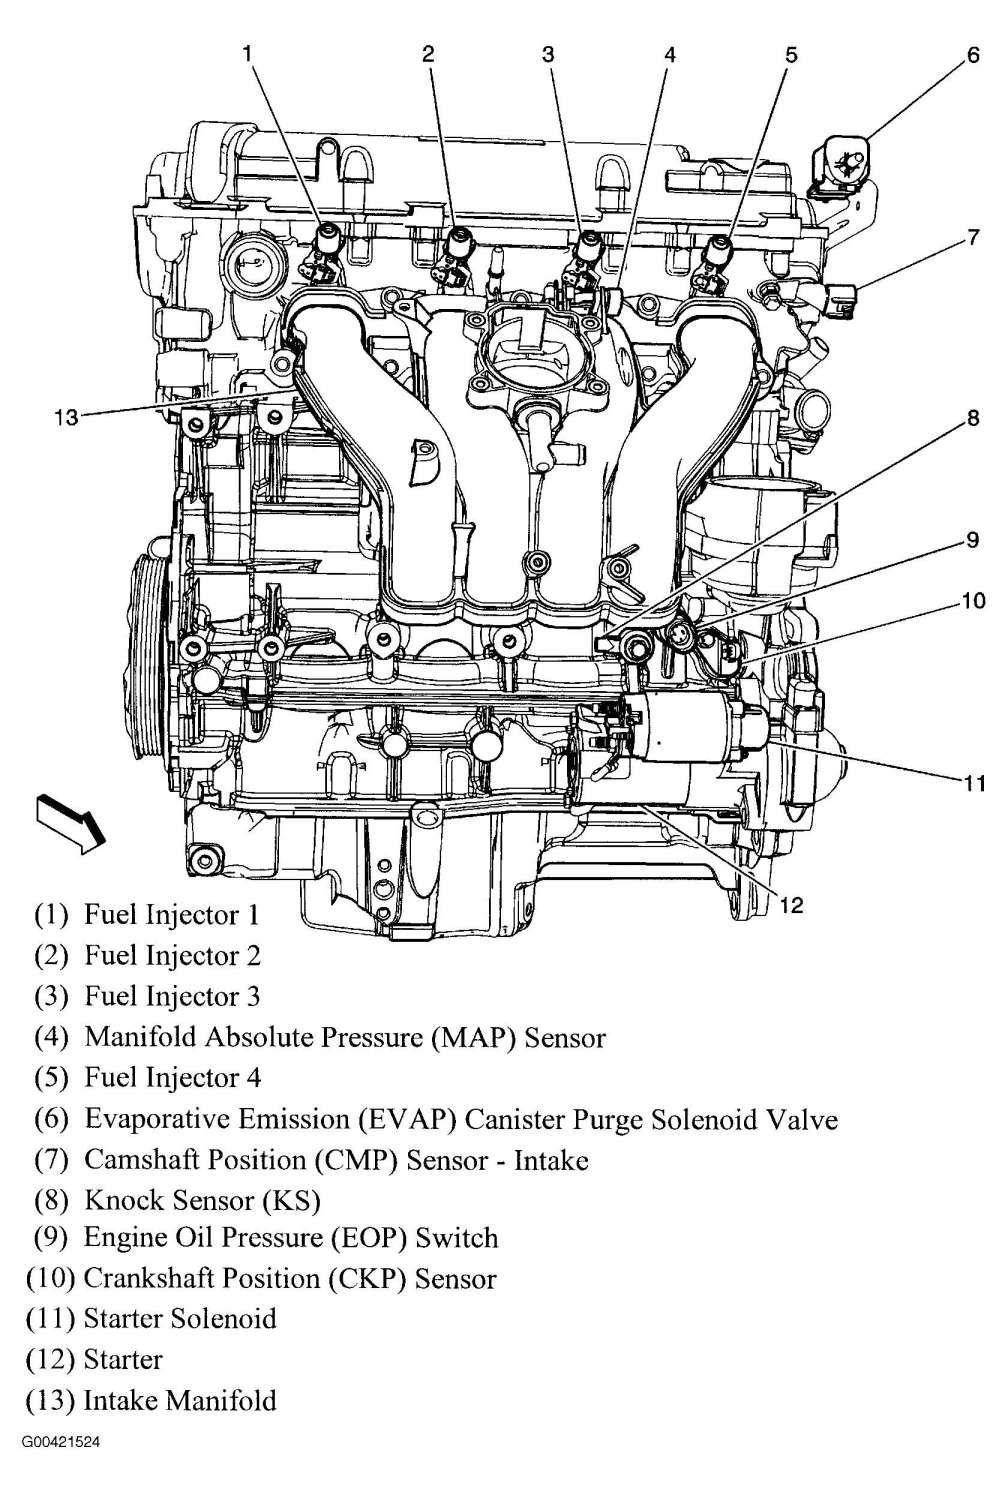 15 Marine Diesel Engine Wiring Diagram Engine Diagram Wiringg Net Chevy Cruze Line Diagram Chevy Trailblazer